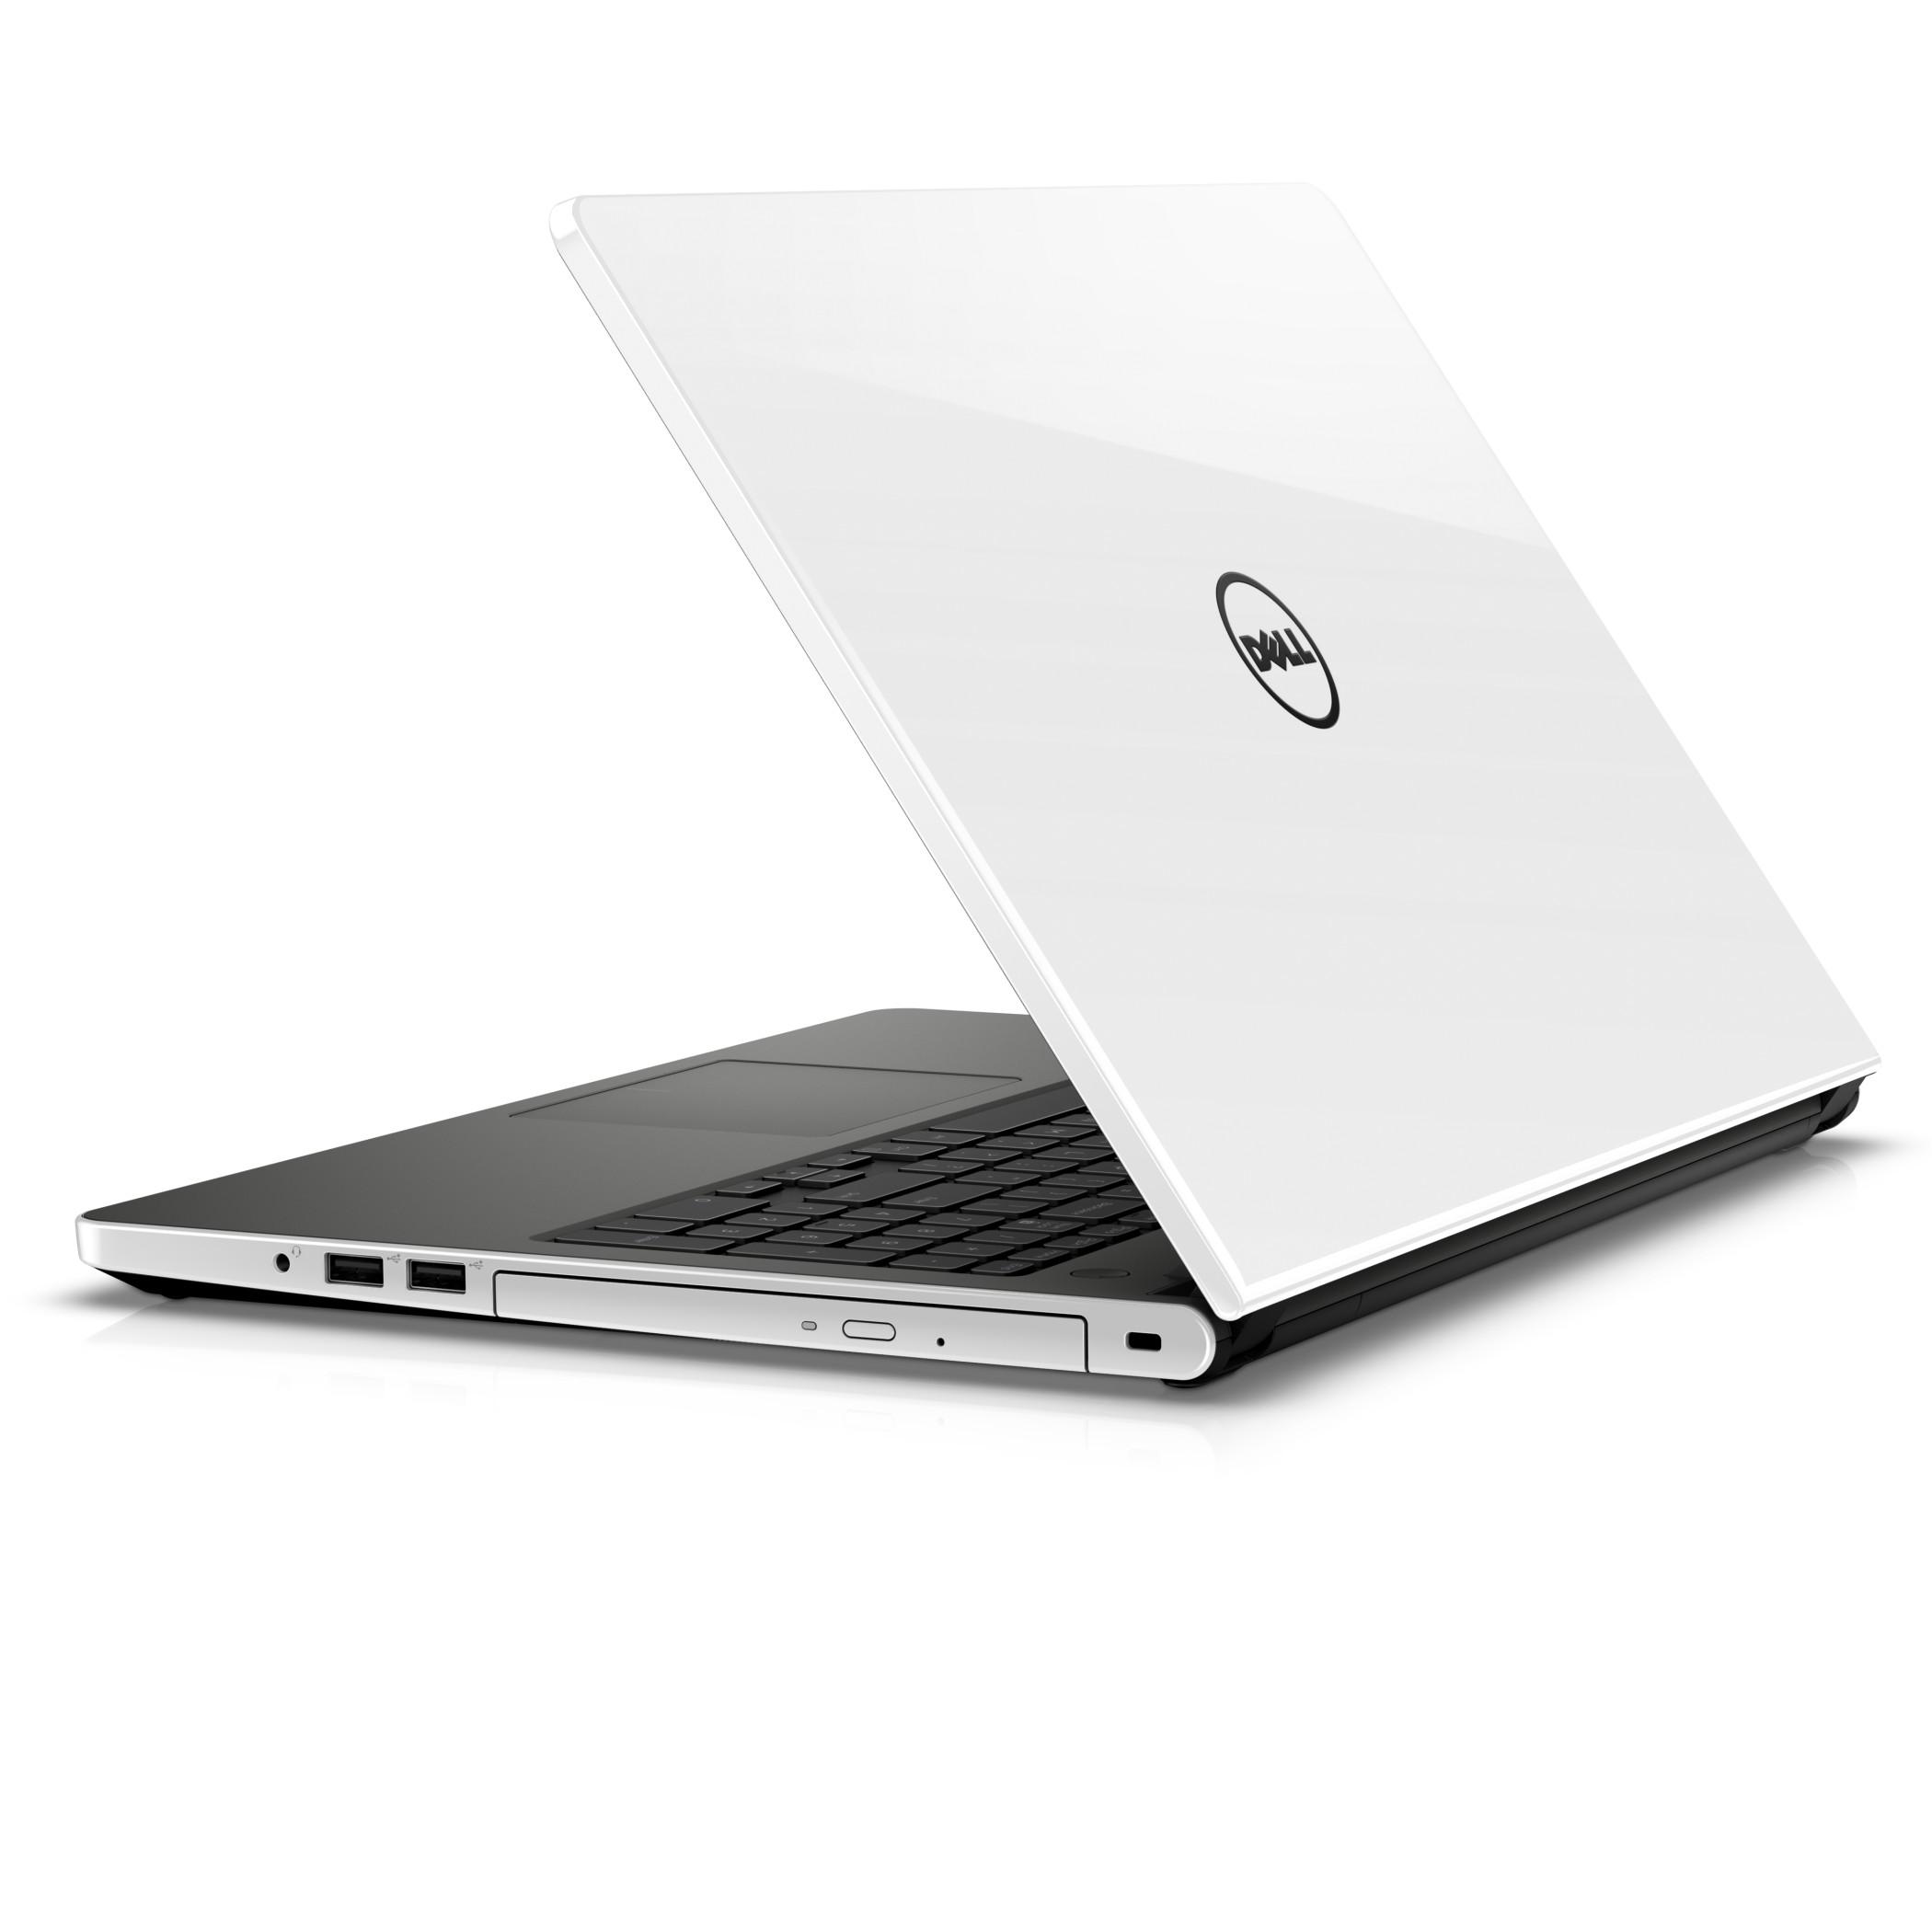 """Dell Inspiron 5559 15"""" i5-6200U/4GB/500GB/M335-2G/HDMI/RJ45/WIFI/BT/MCR/W10UPG/2NBD bílý"""